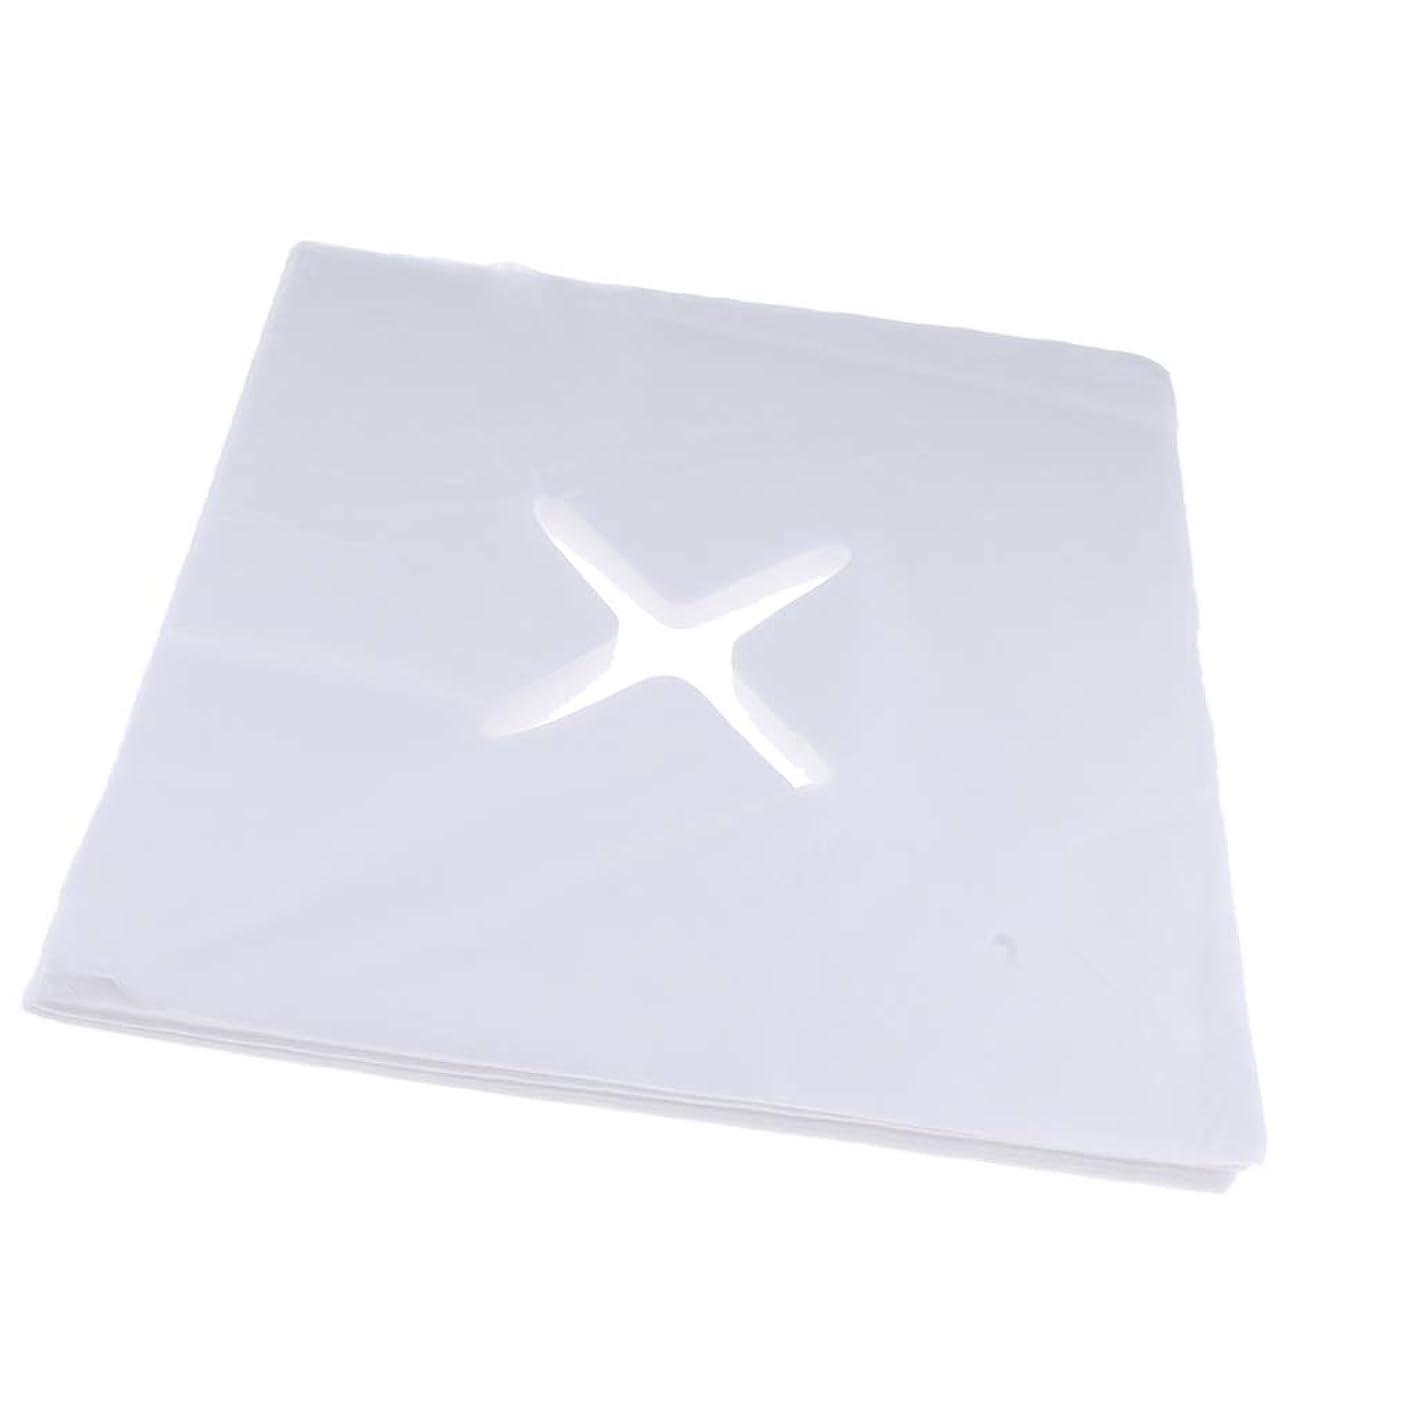 修理工荒廃する特権Perfeclan 約200枚 ピローシート 十字カット 使い捨て フェイスカバー 不織布PP クッション S/M - S